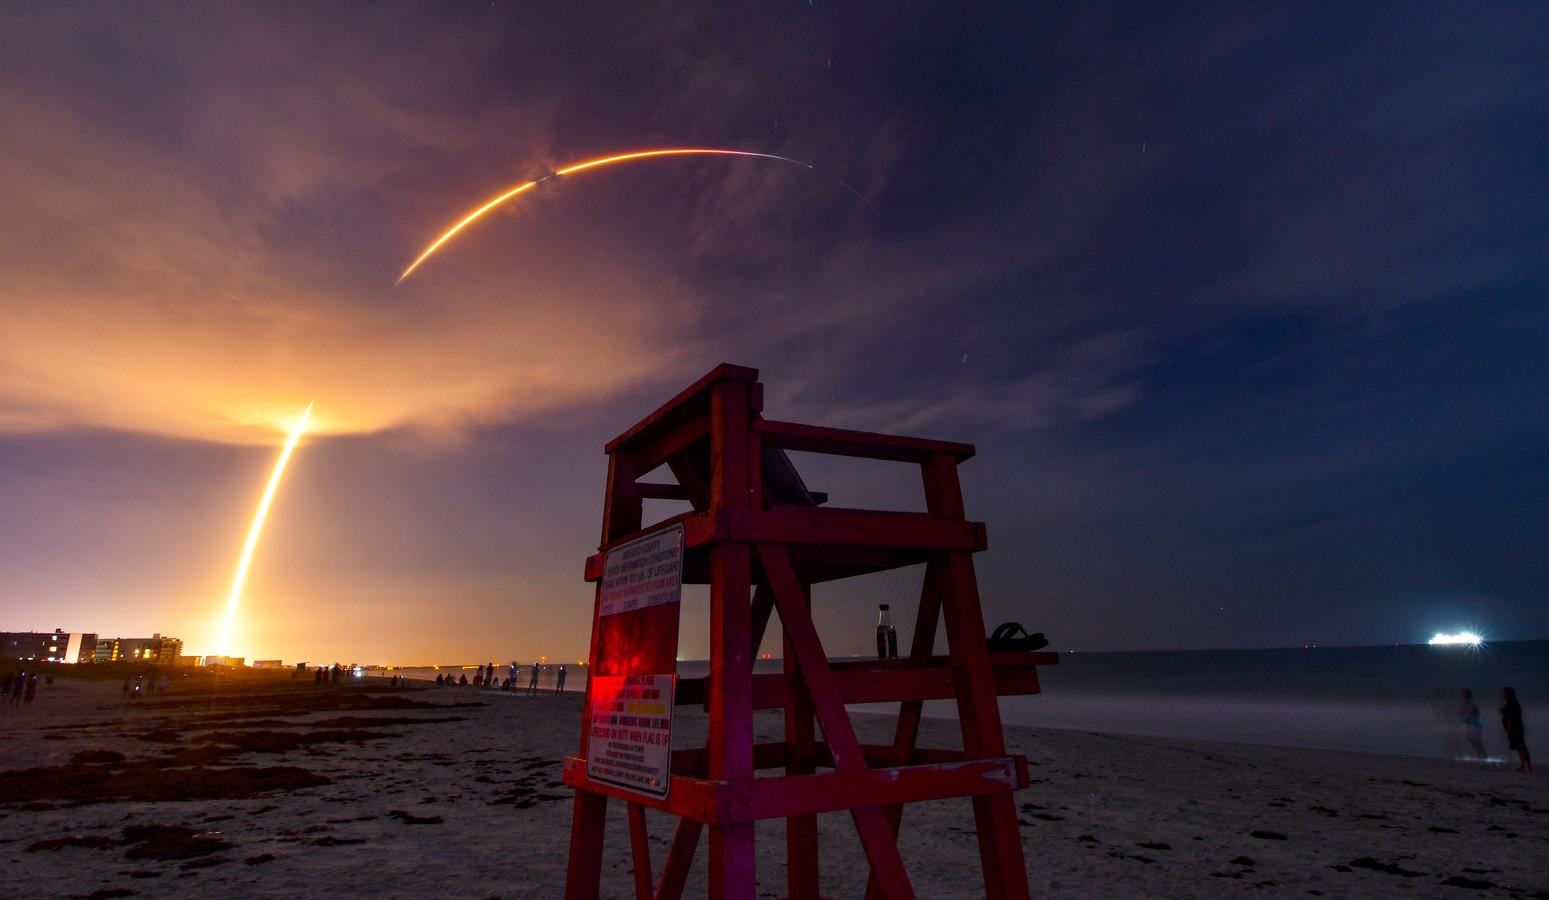 Le lanceur Falcon-9 a décollé du cap Canaveral à 7H12.